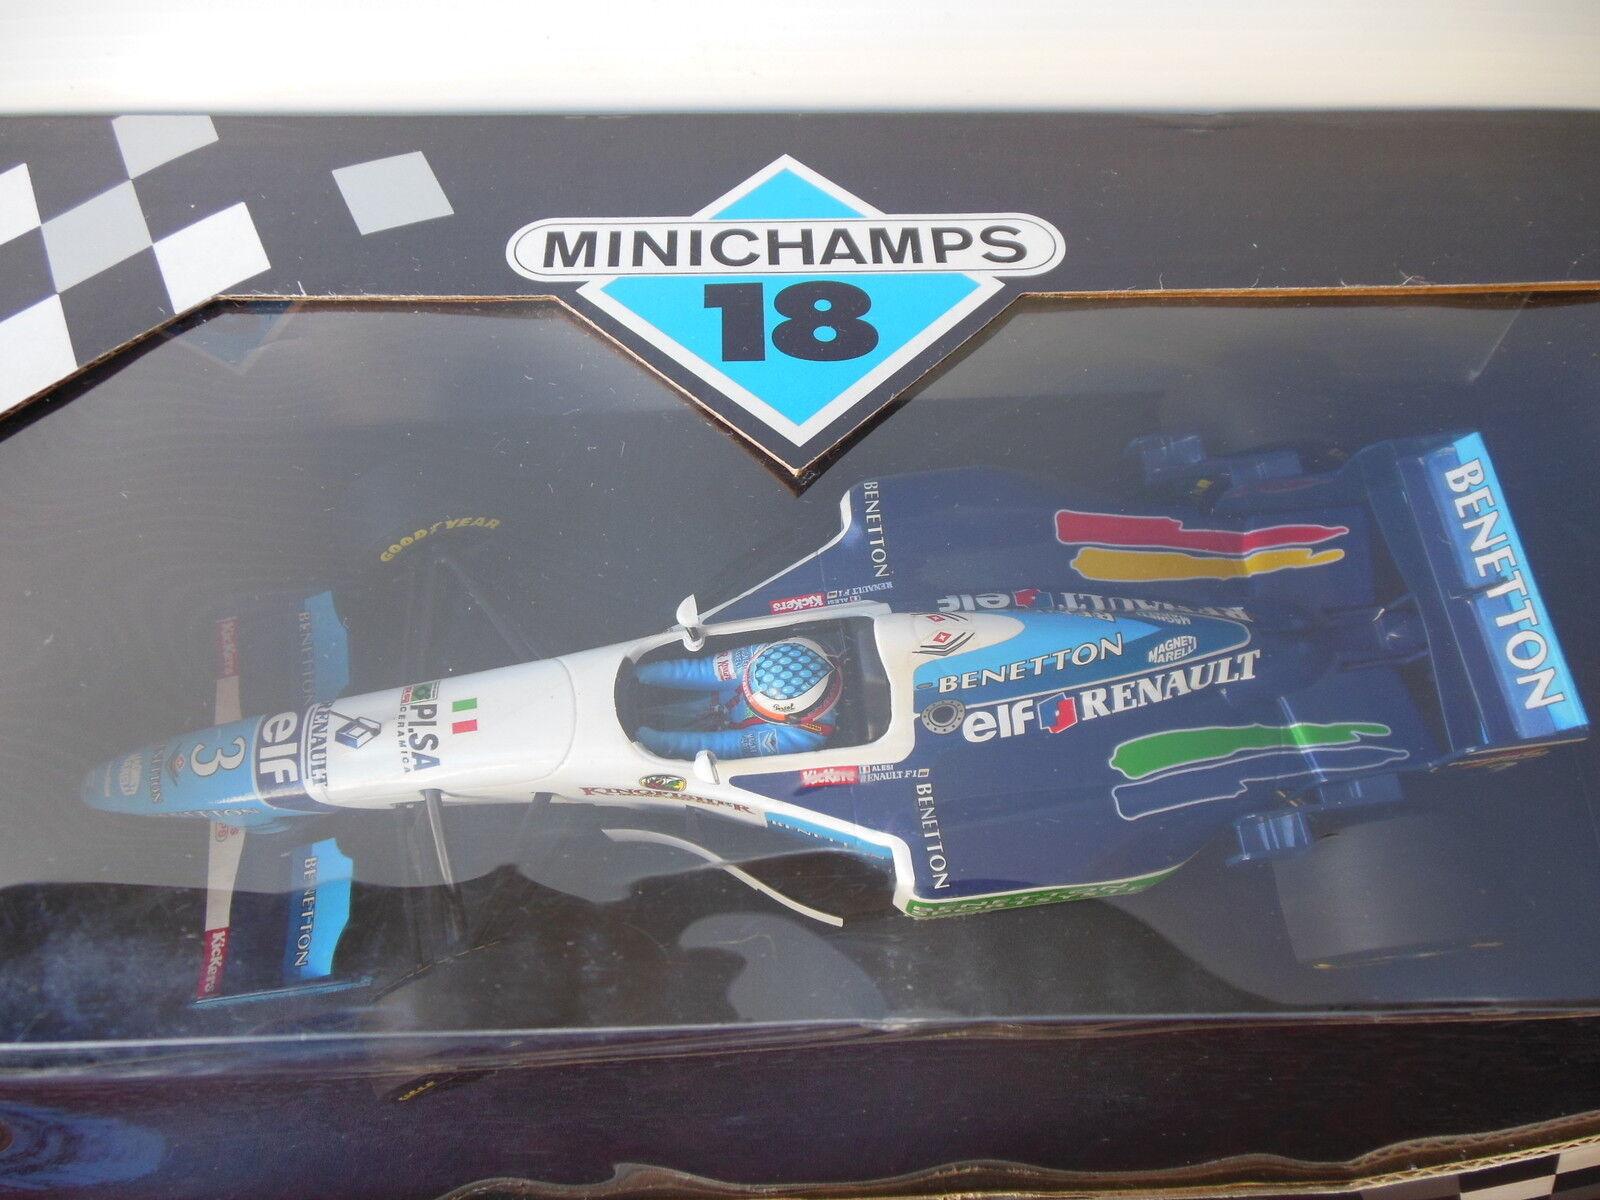 Paul's Model Art Minichamps 18 - Benetton Sportsystem  - Renault  18